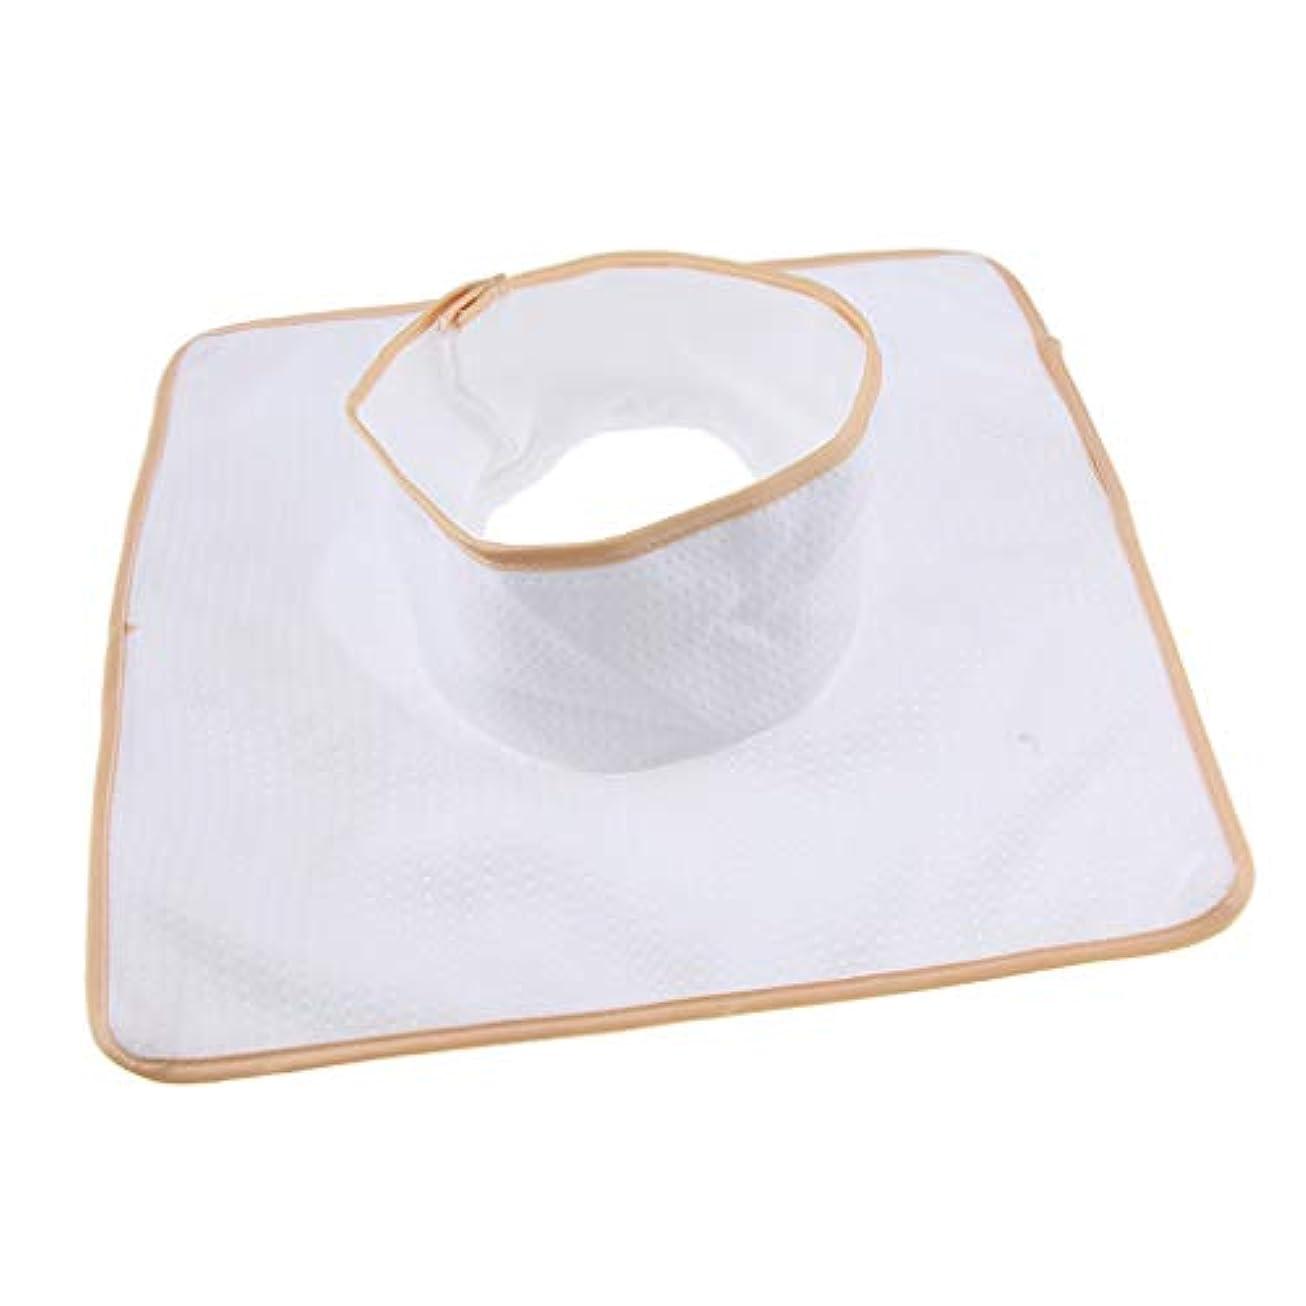 振る舞いボウル加入D DOLITY マッサージ ベッド テーブル ヘッドパッド 頭の穴付 再使用可能 約35×35cm 全3色 - 白